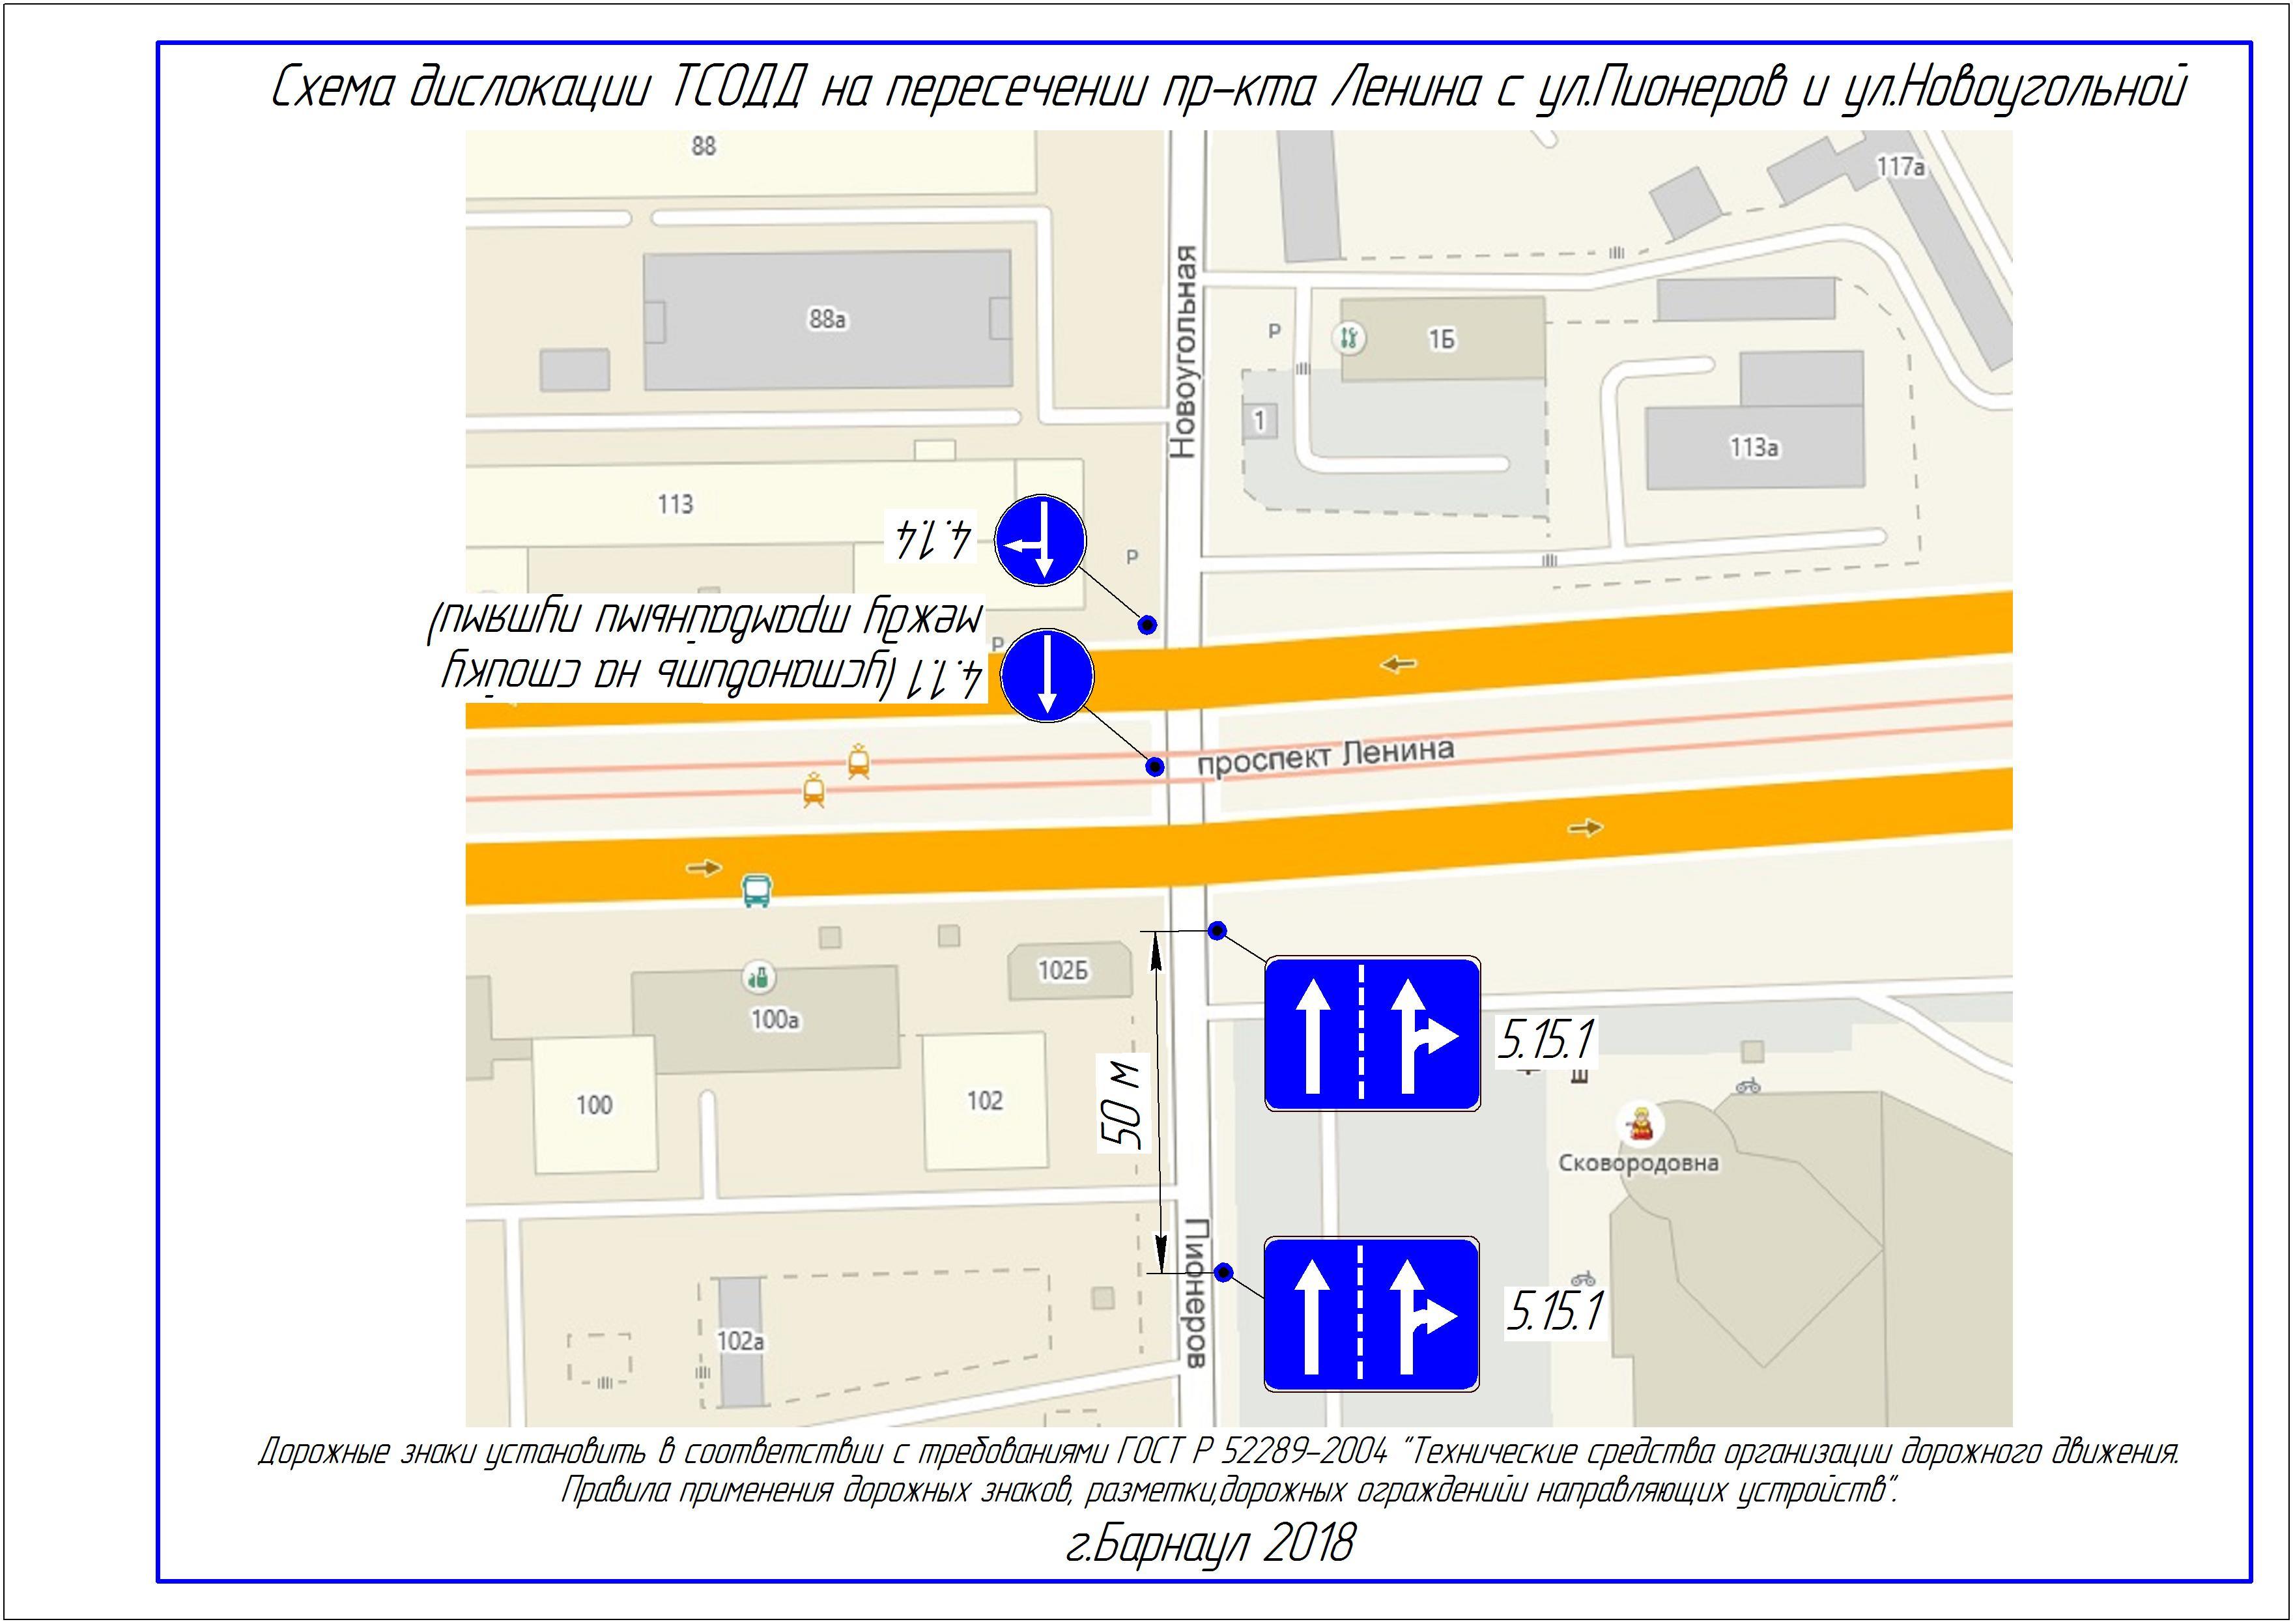 Изменения в схеме организации дорожного движения